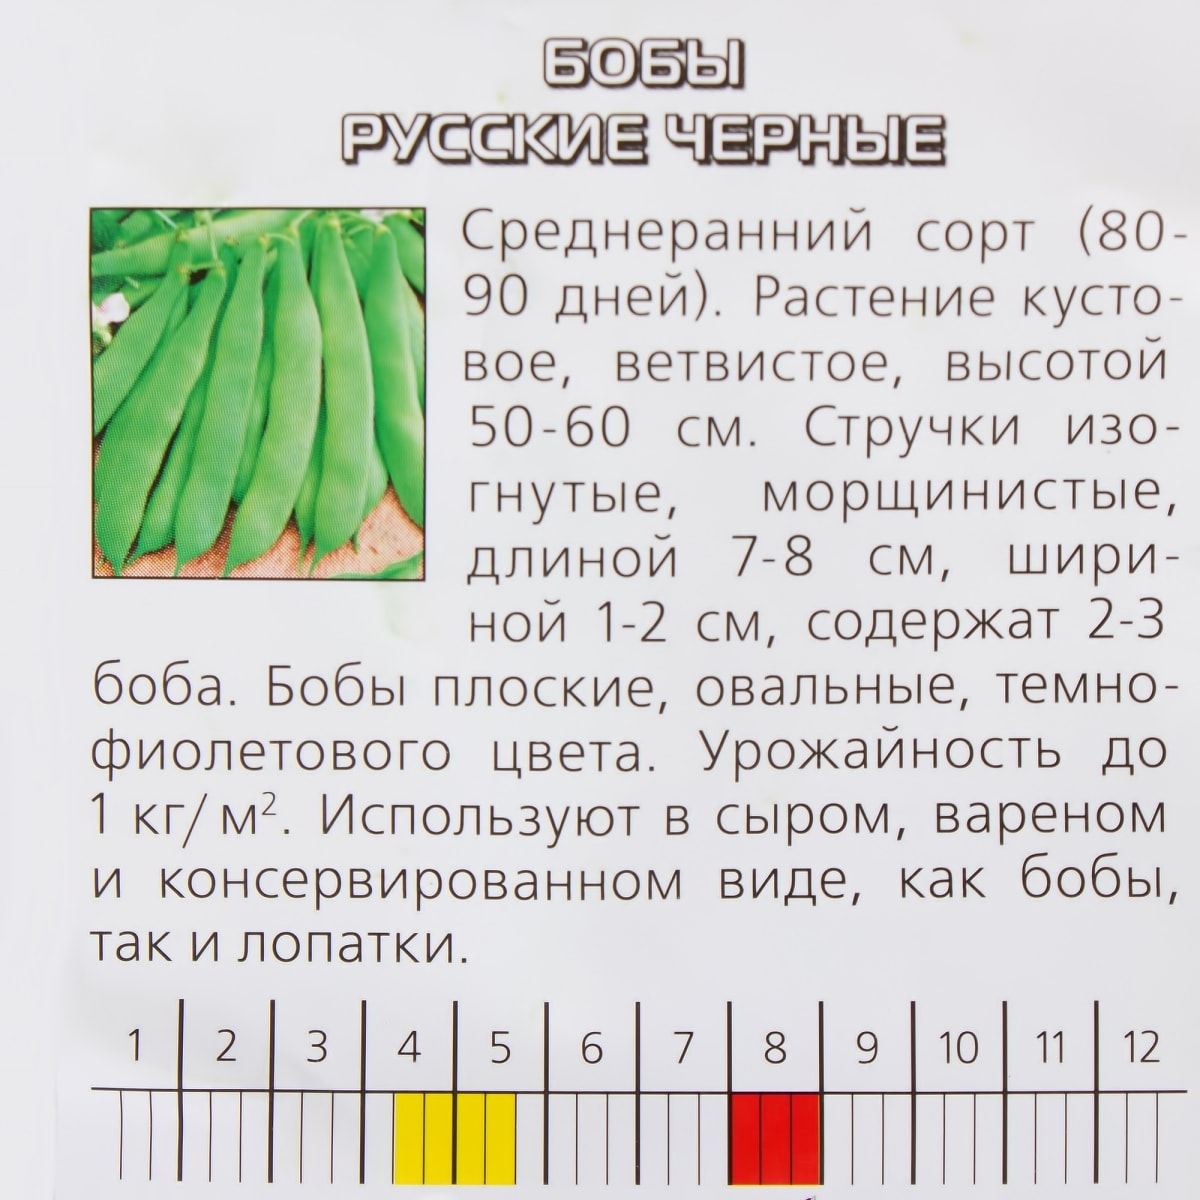 бобы для похудения в москве школа